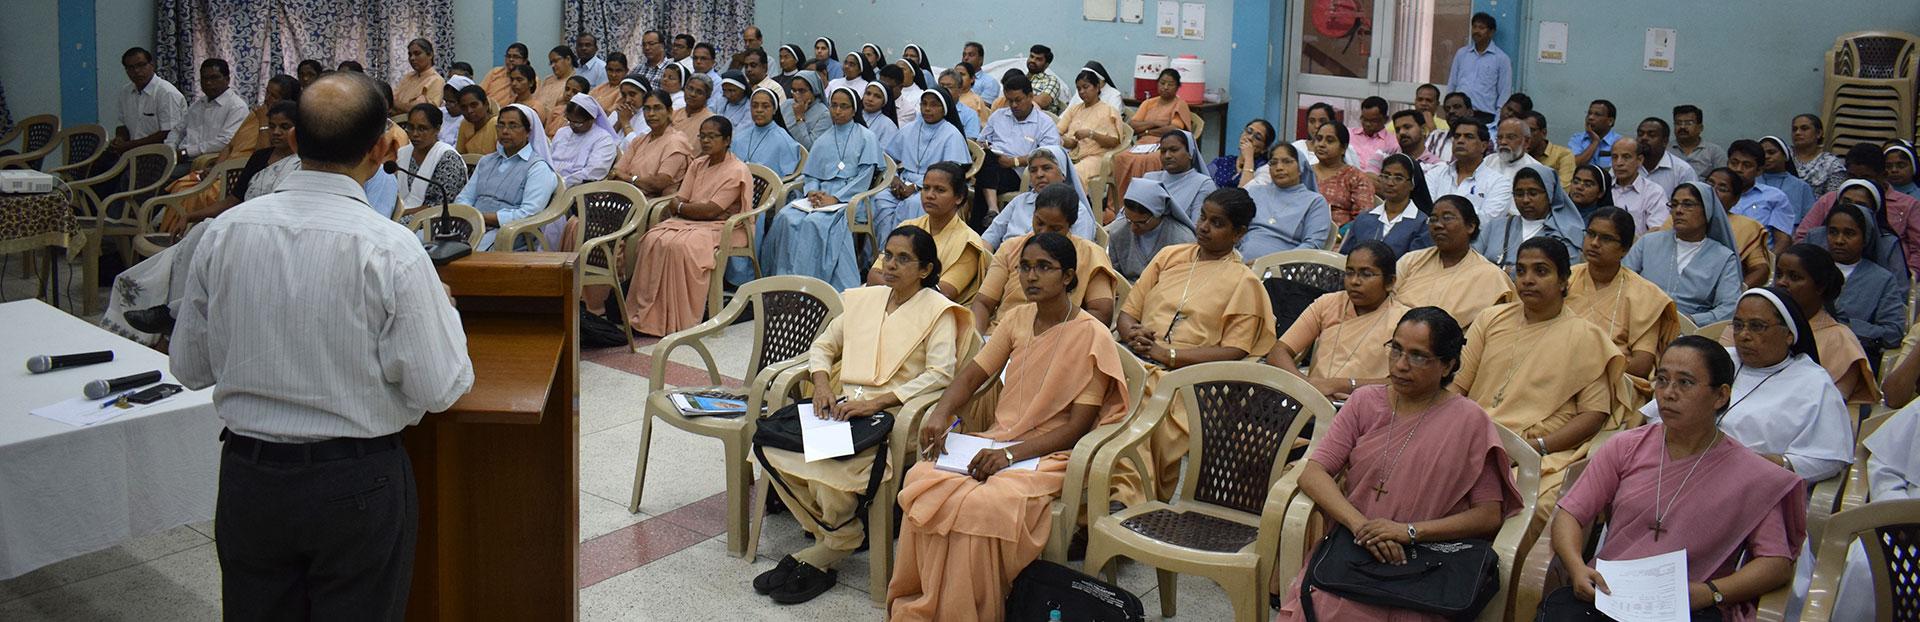 Promouvoir la justice grâce à l'assistance juridique en Inde